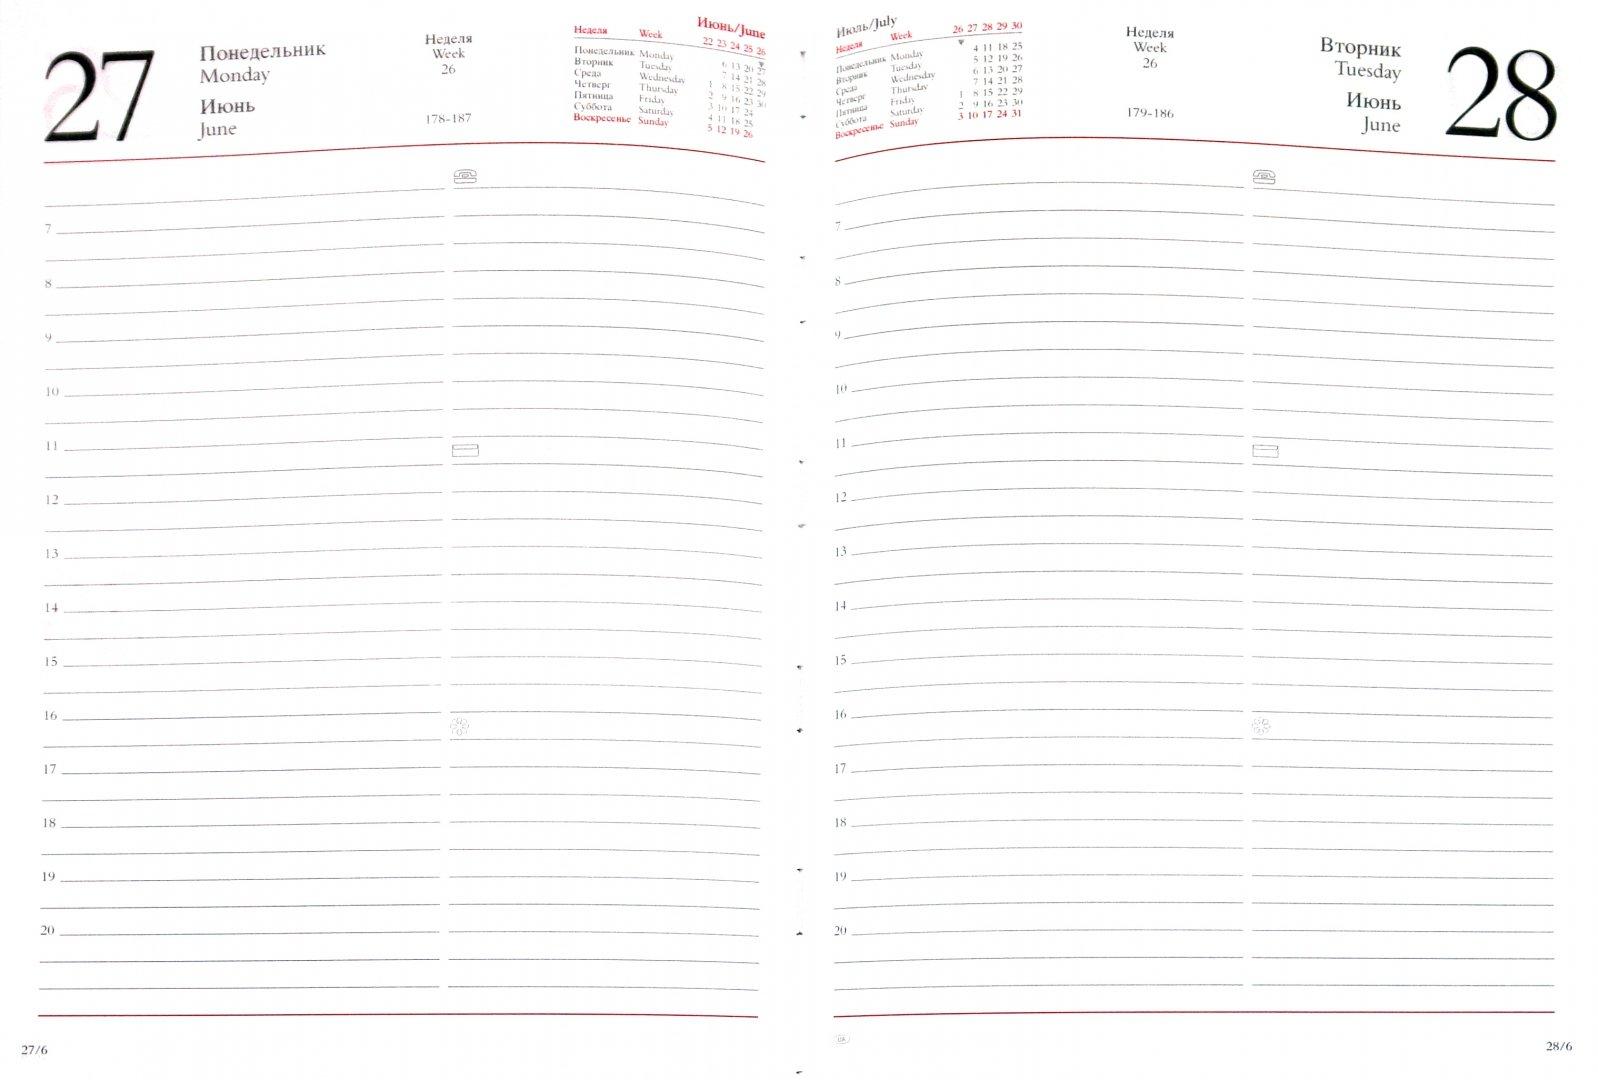 Иллюстрация 1 из 3 для Ежедневник-2011 карманный  (79104034)   Лабиринт - канцтовы. Источник: Лабиринт